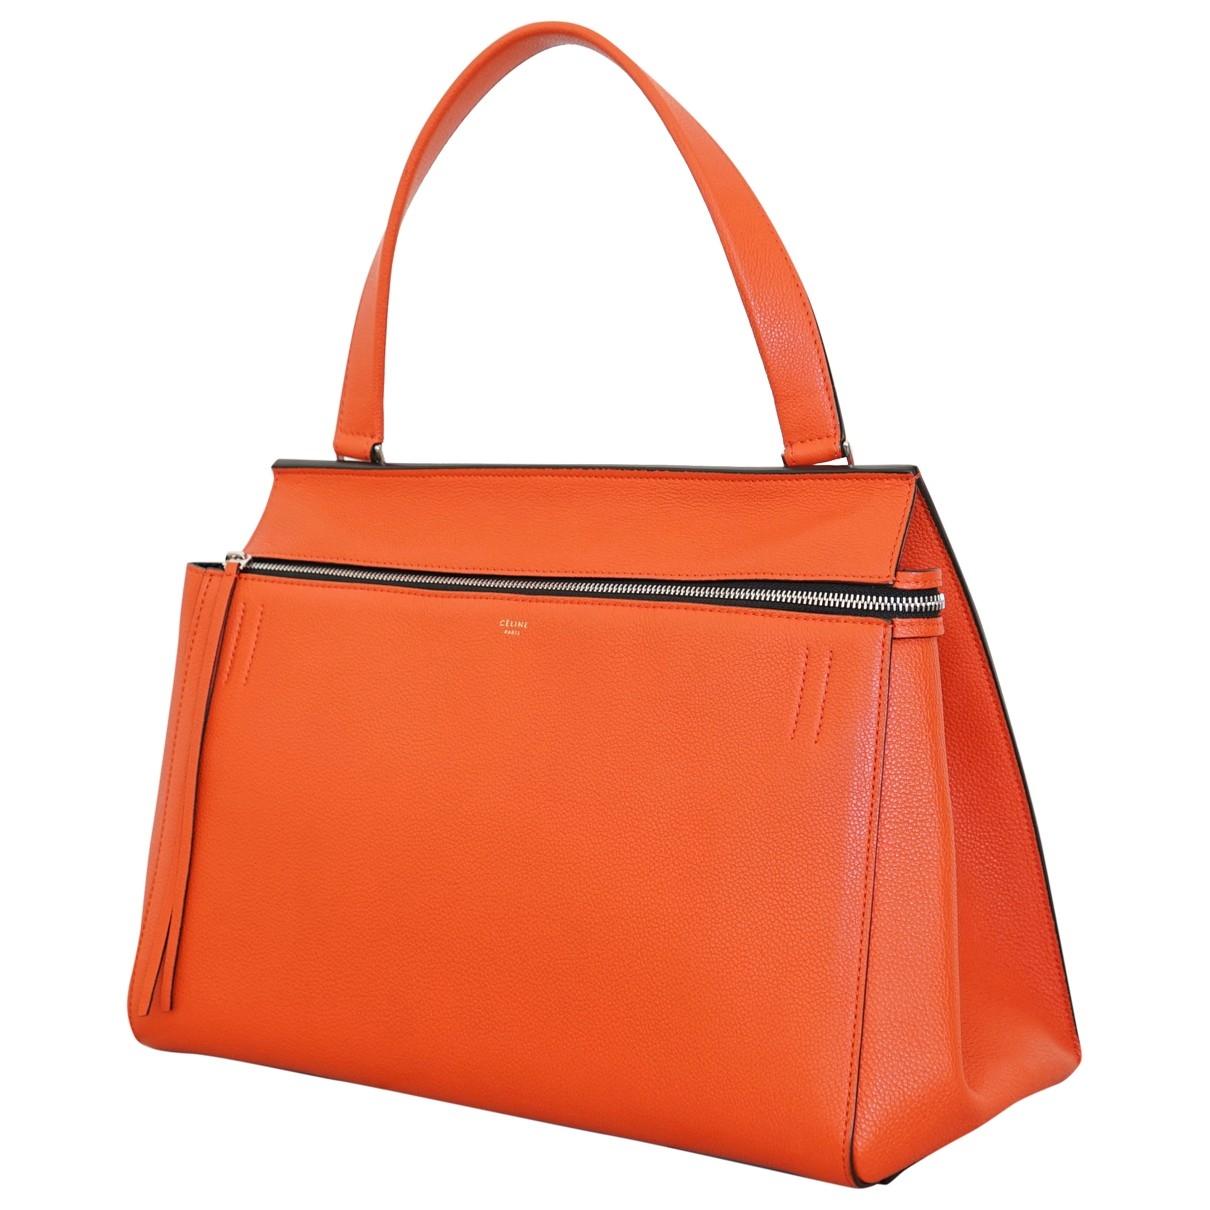 Celine - Sac a main Edge pour femme en cuir - orange